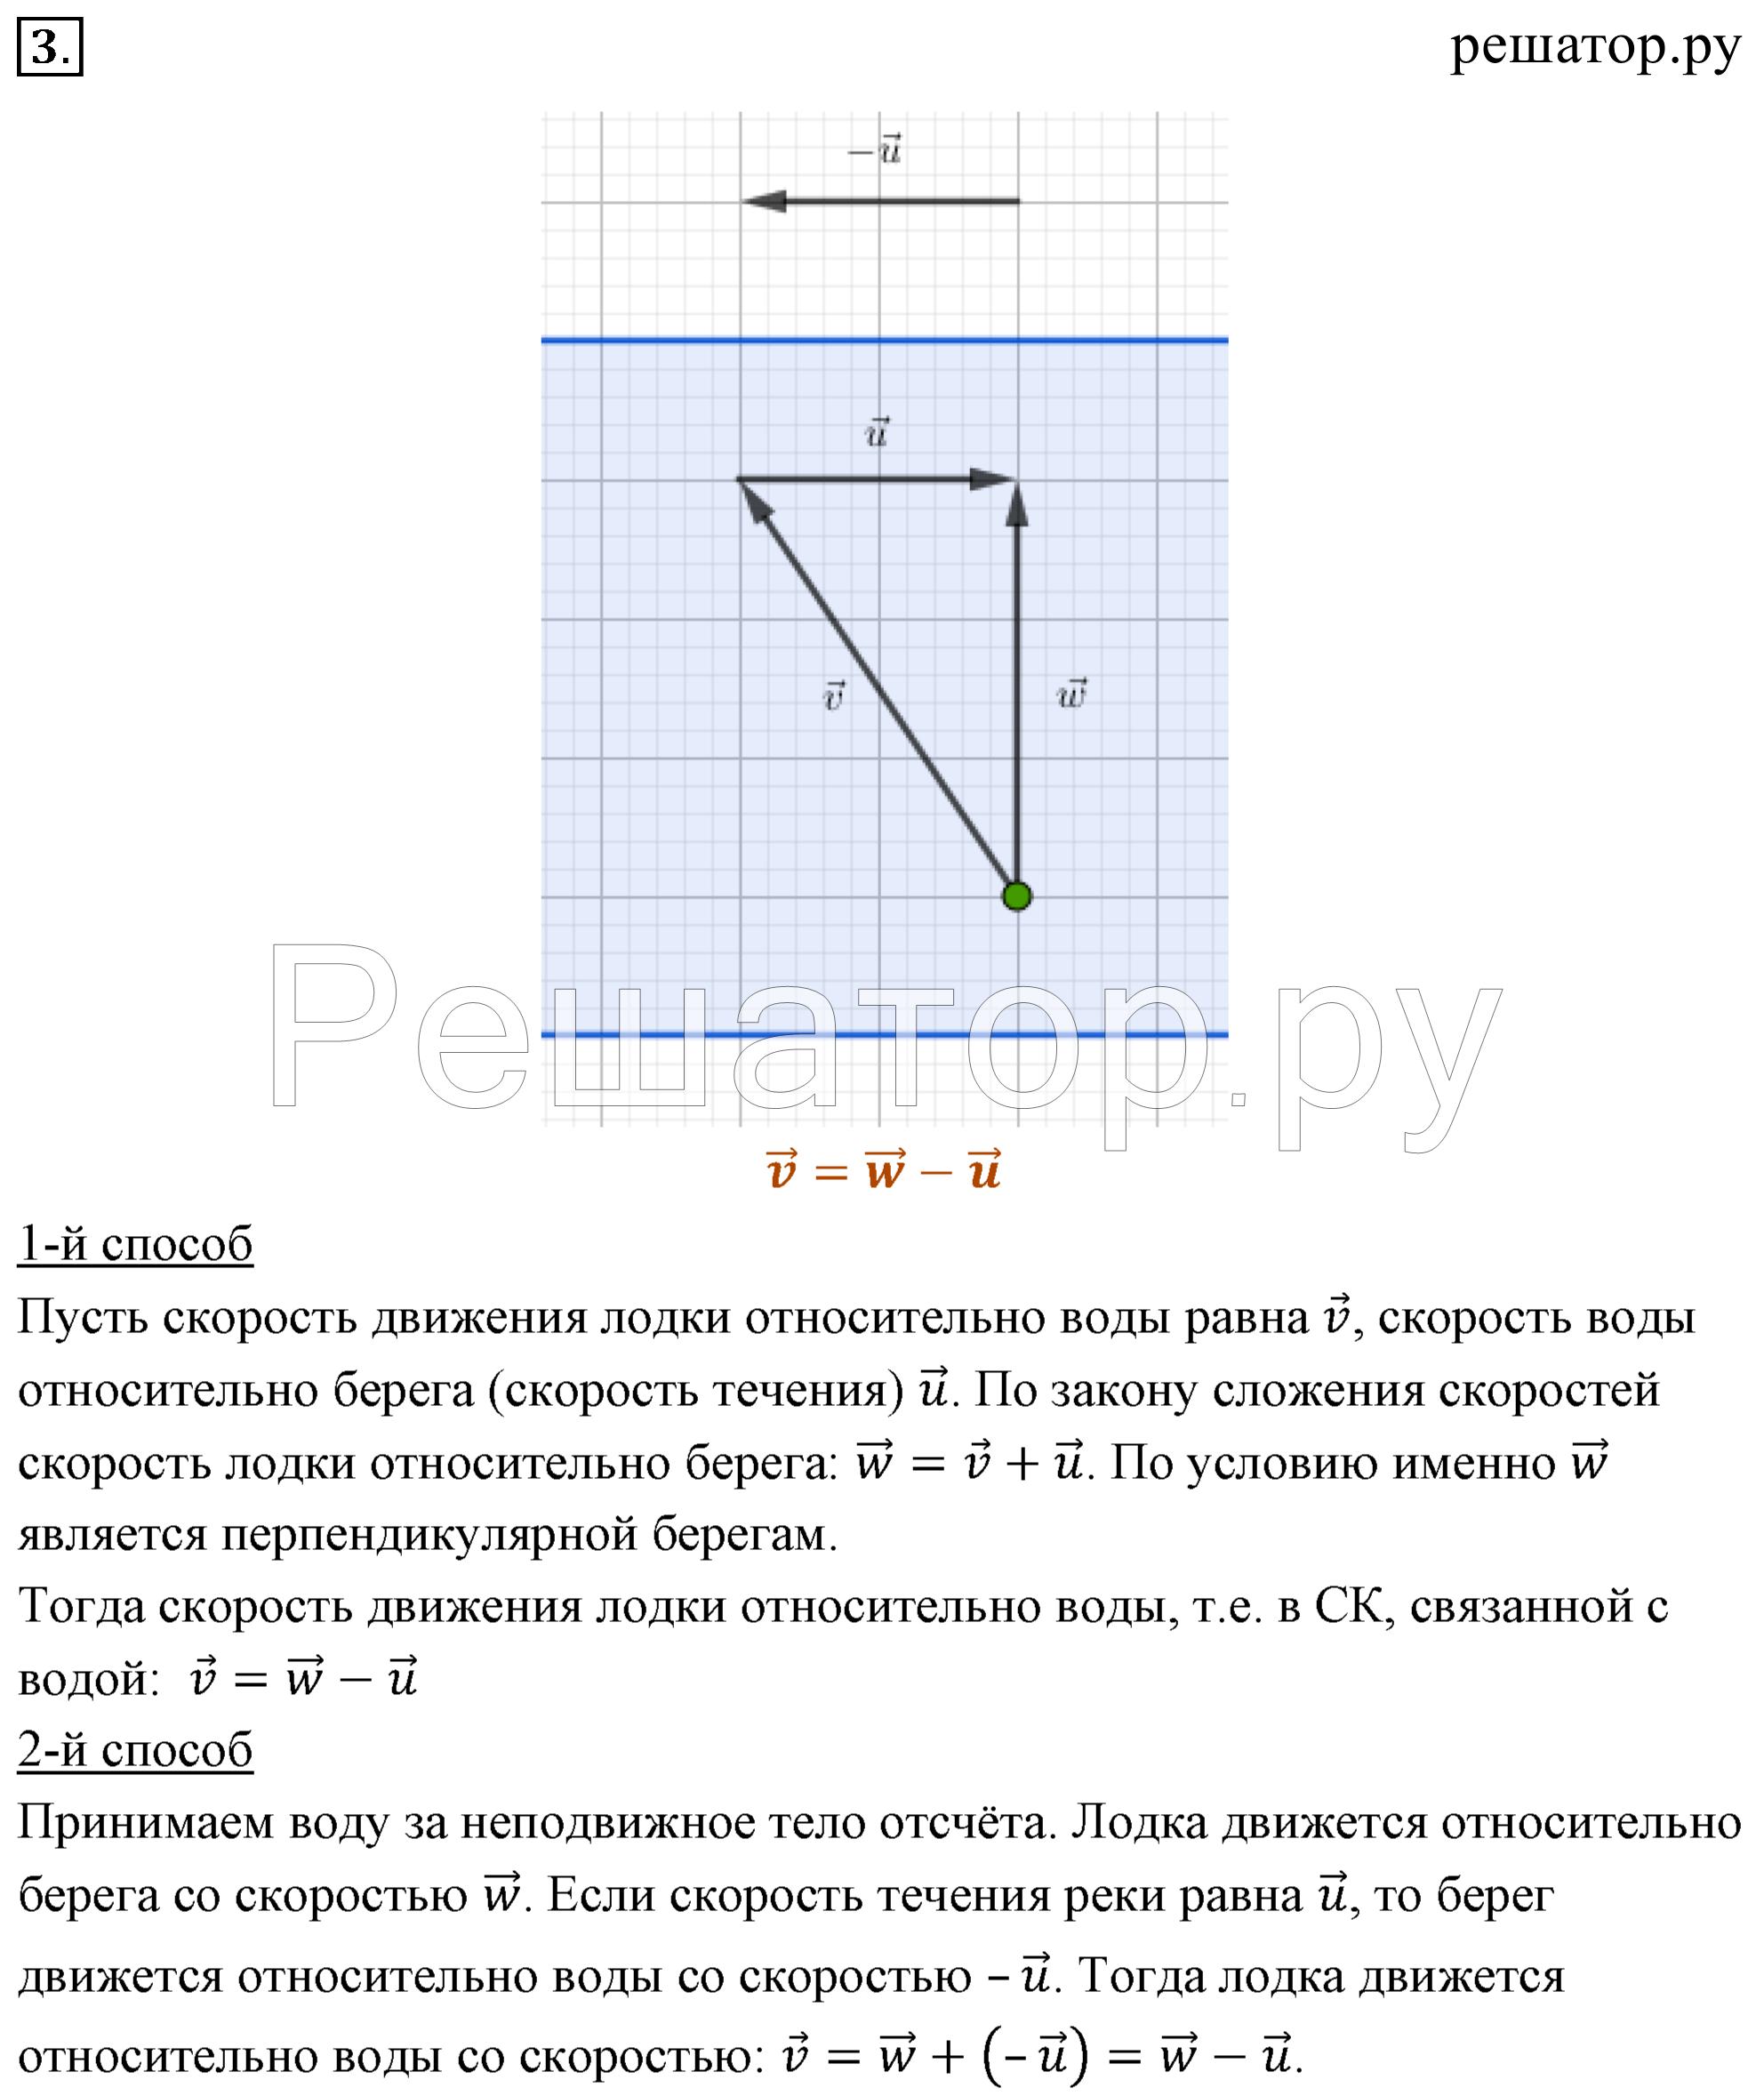 Решебник рымкевич, 10, 11 класс бесплатно, без регистрации.